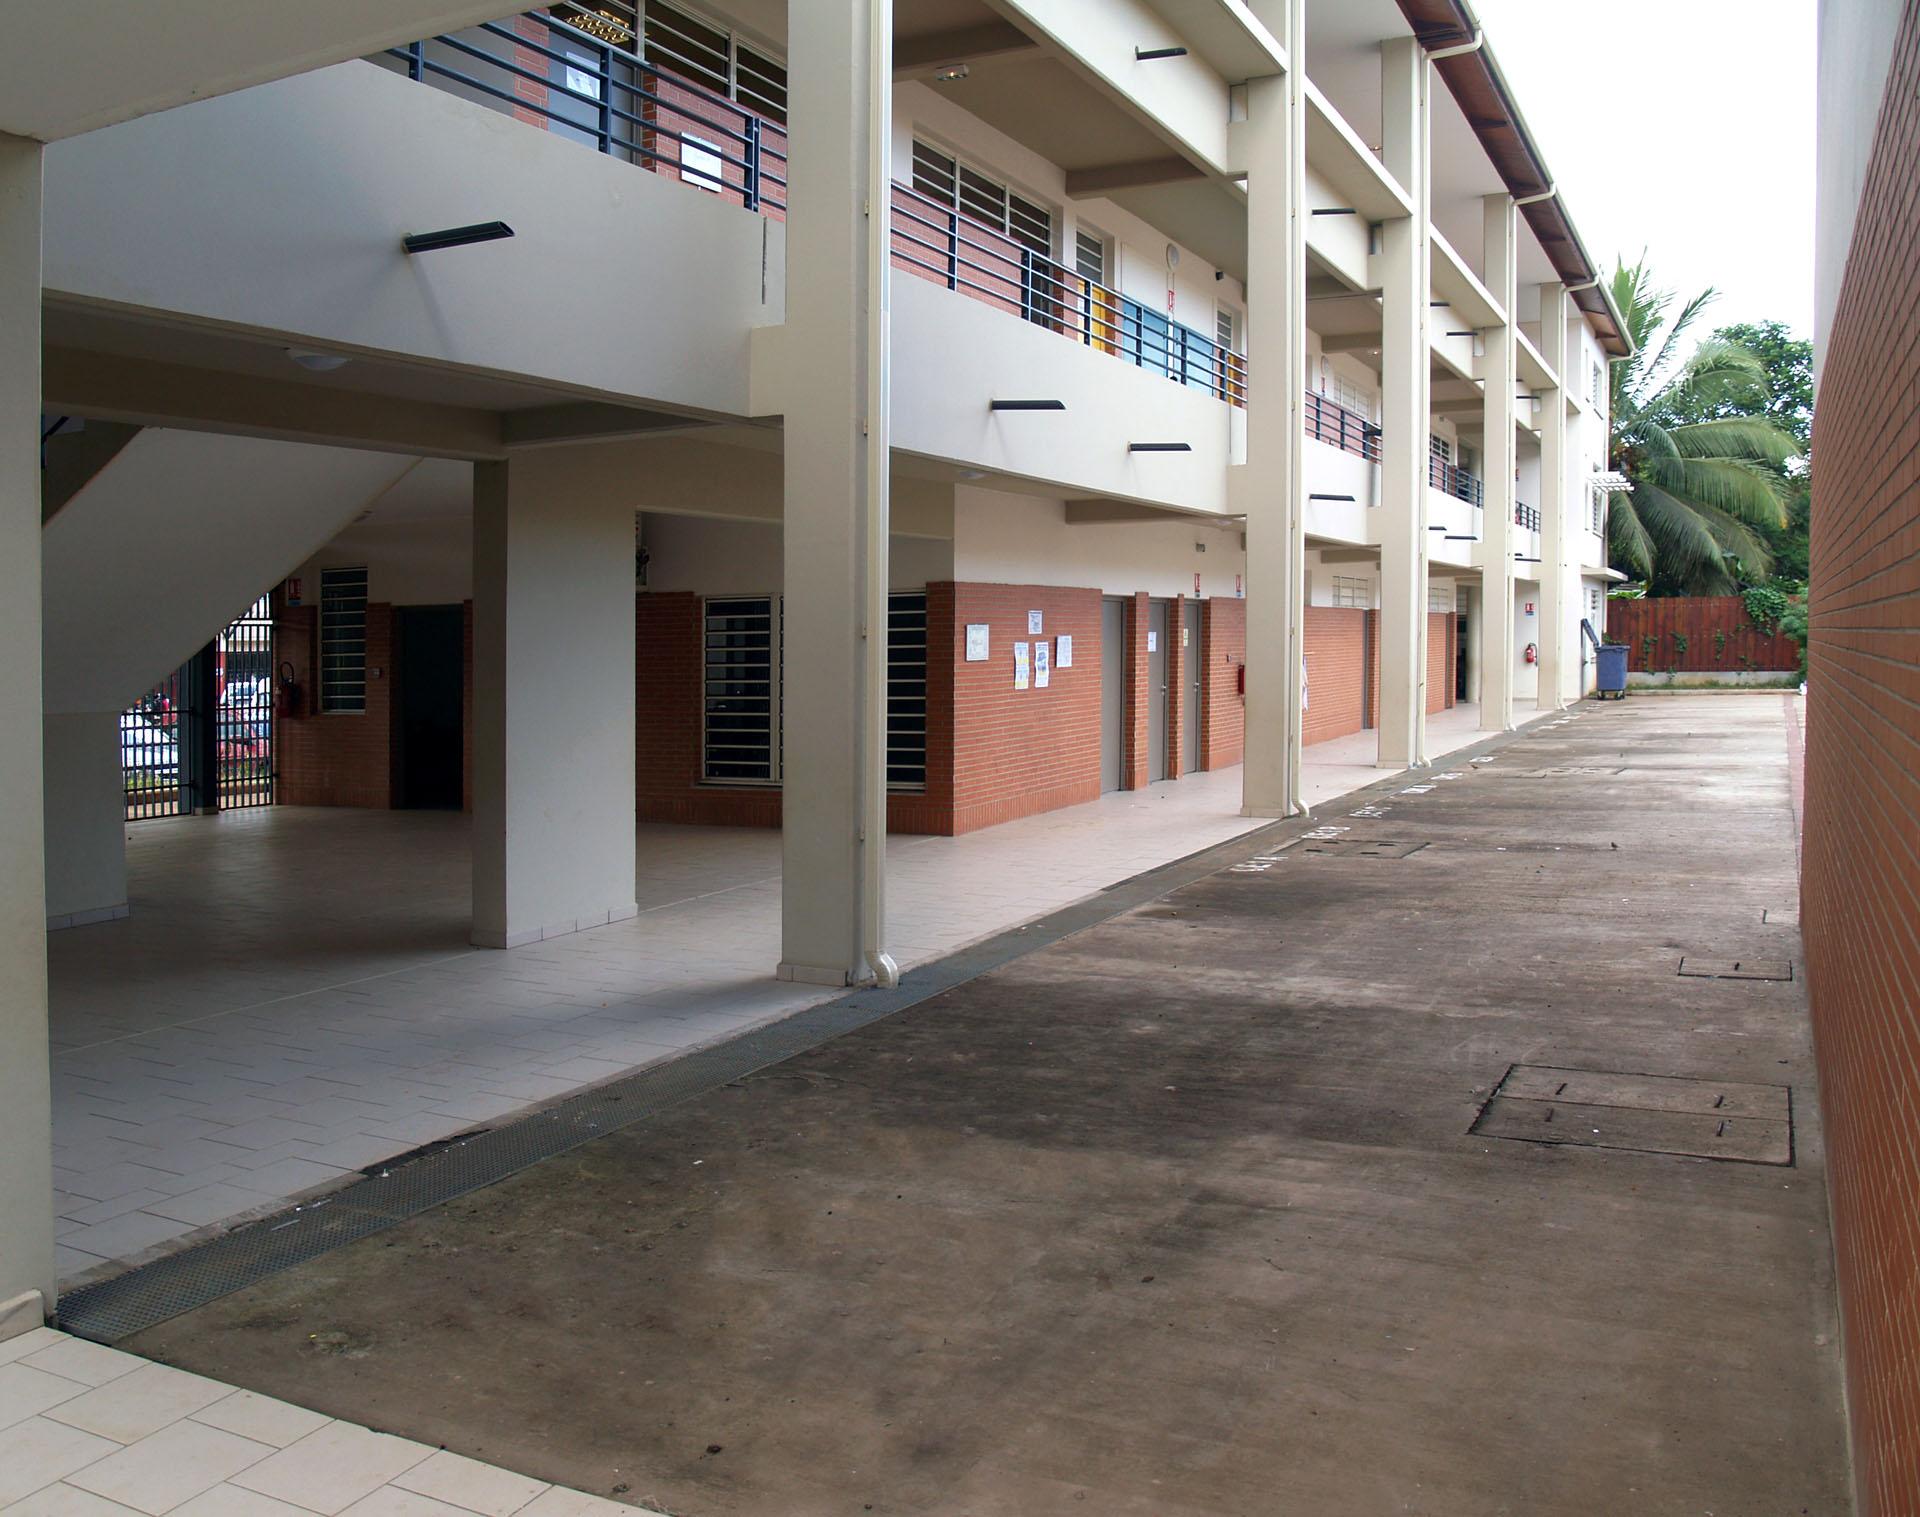 architectures avec coursives, ventilation pour climat tropical, école à Mayotte